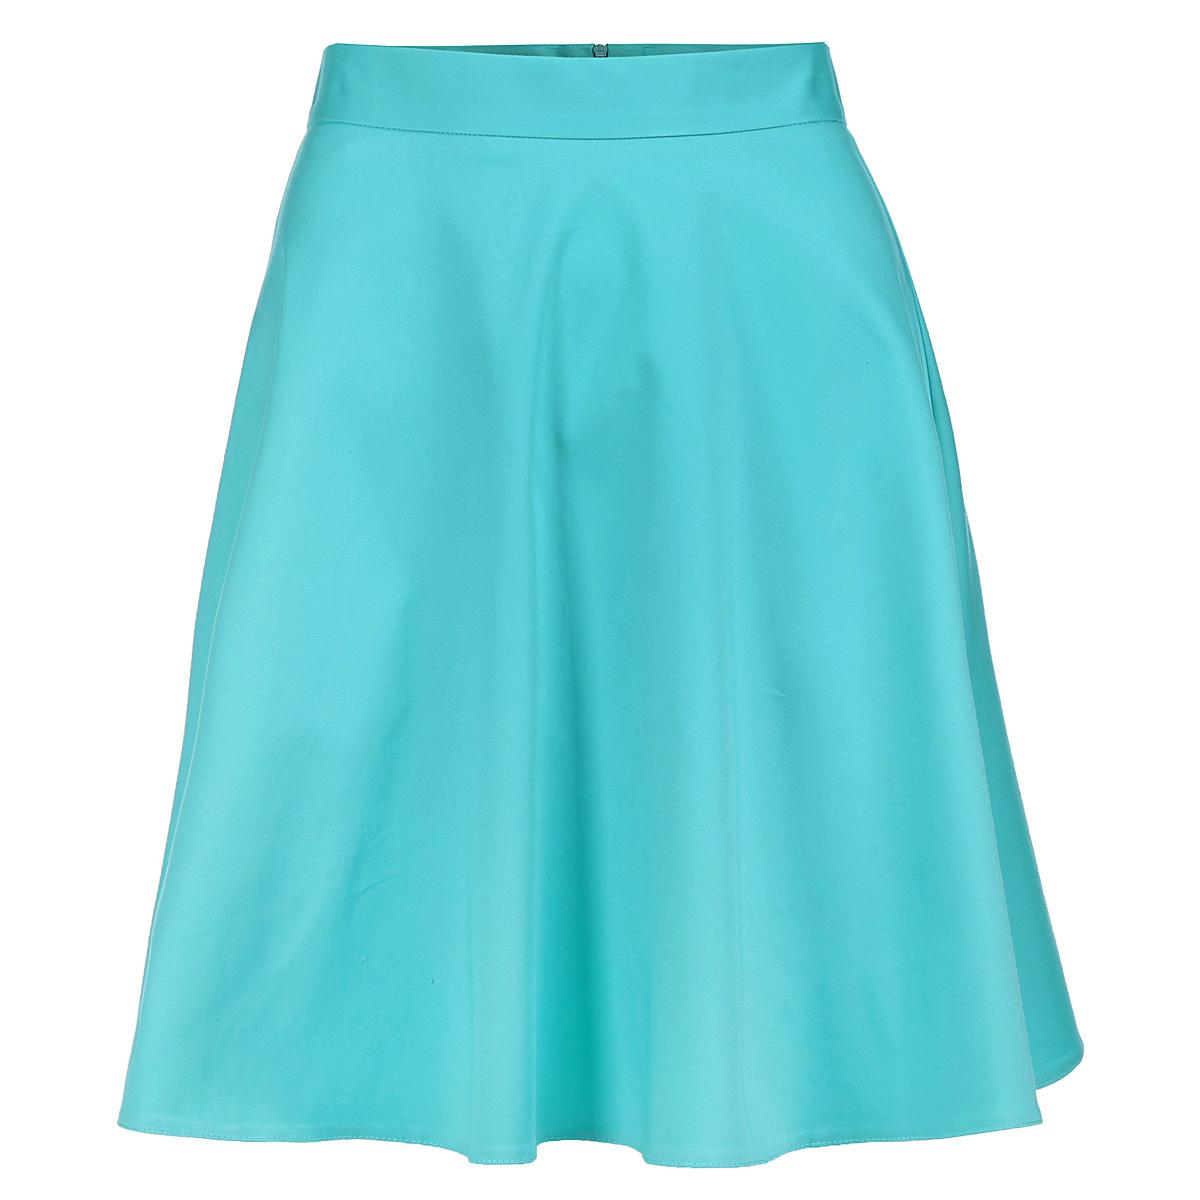 Юбка6717803 minЭлегантная юбка Yarmina изготовлена из мягкого хлопка с добавлением эластана. Модель средней длины на пришивном поясе застегивается на потайную застежку-молнию сзади. Классическая расклешенная юбка - актуальная и модная вещь женского гардероба. Она будет прекрасно смотреться с любыми топами и блузками. Эта стильная и в то же время комфортная юбка - отличный вариант на каждый день.